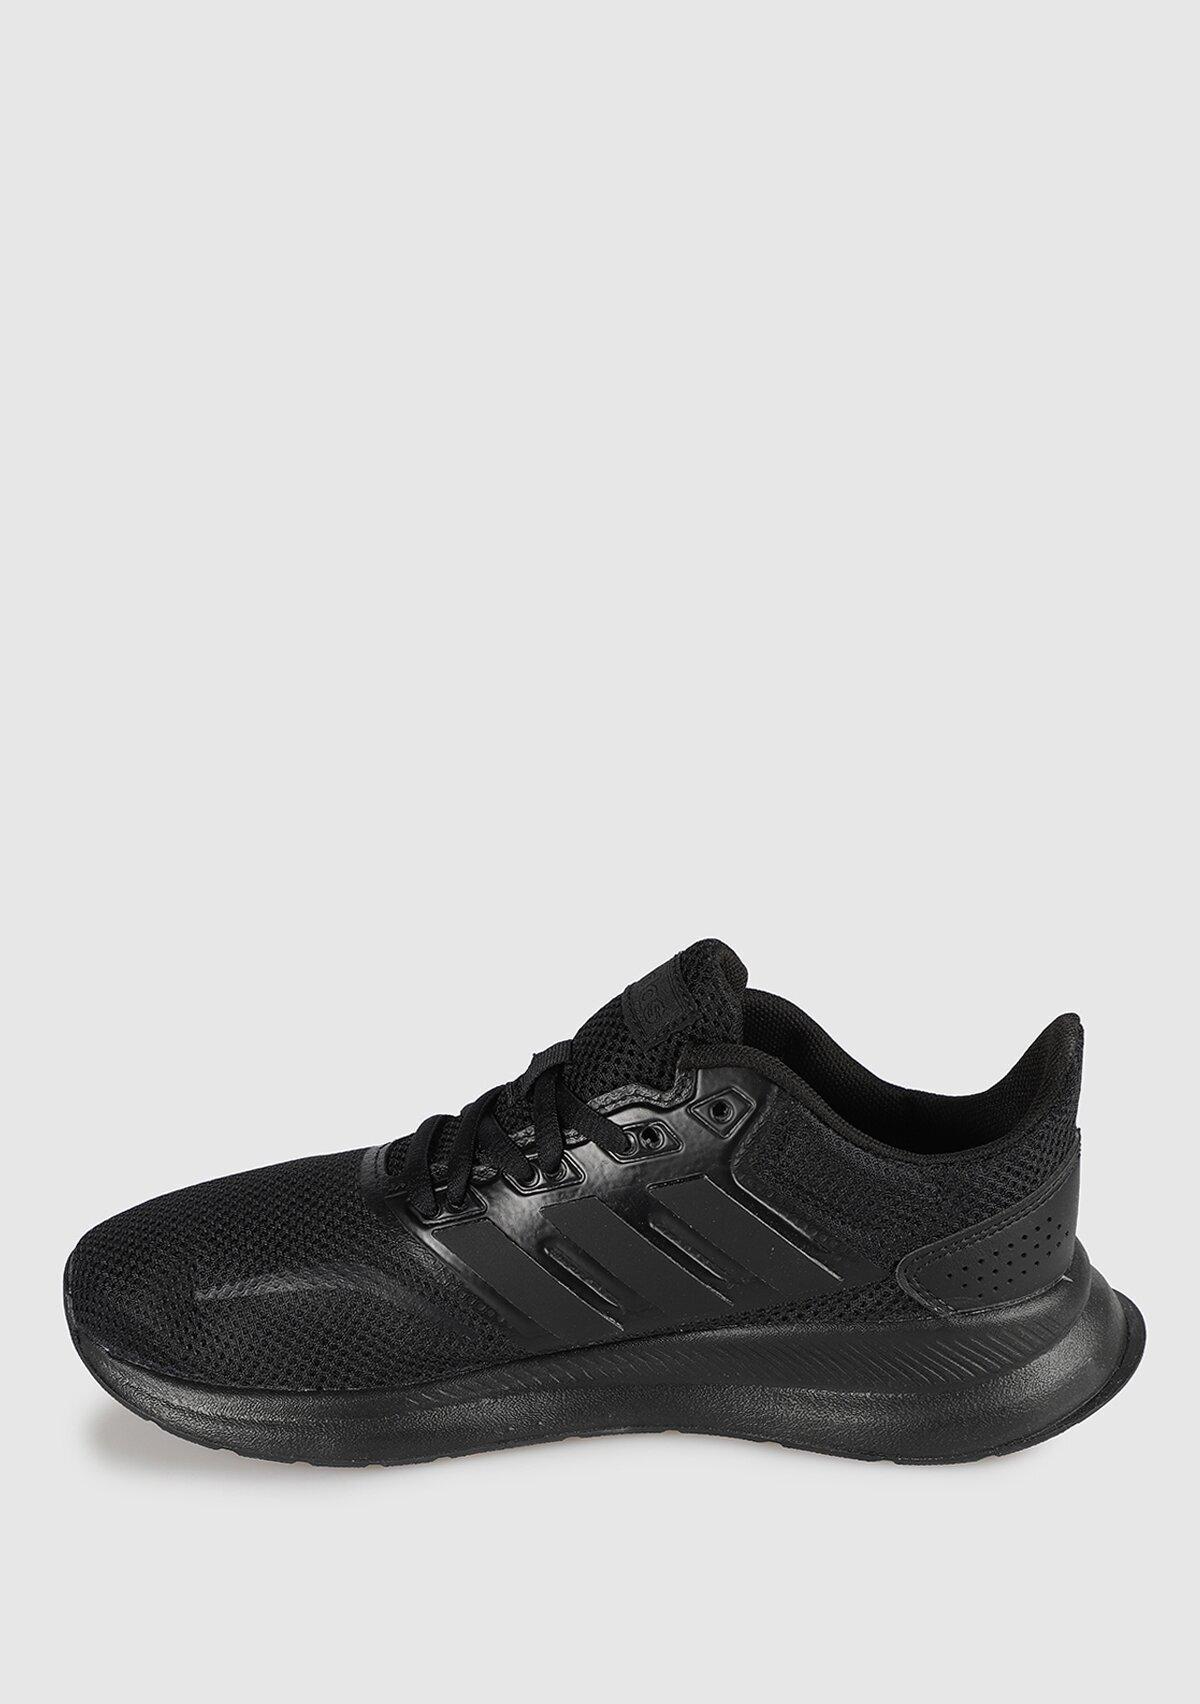 resm Runfalcon K Siyah Kadın Koşu Ayakkabısı F36549